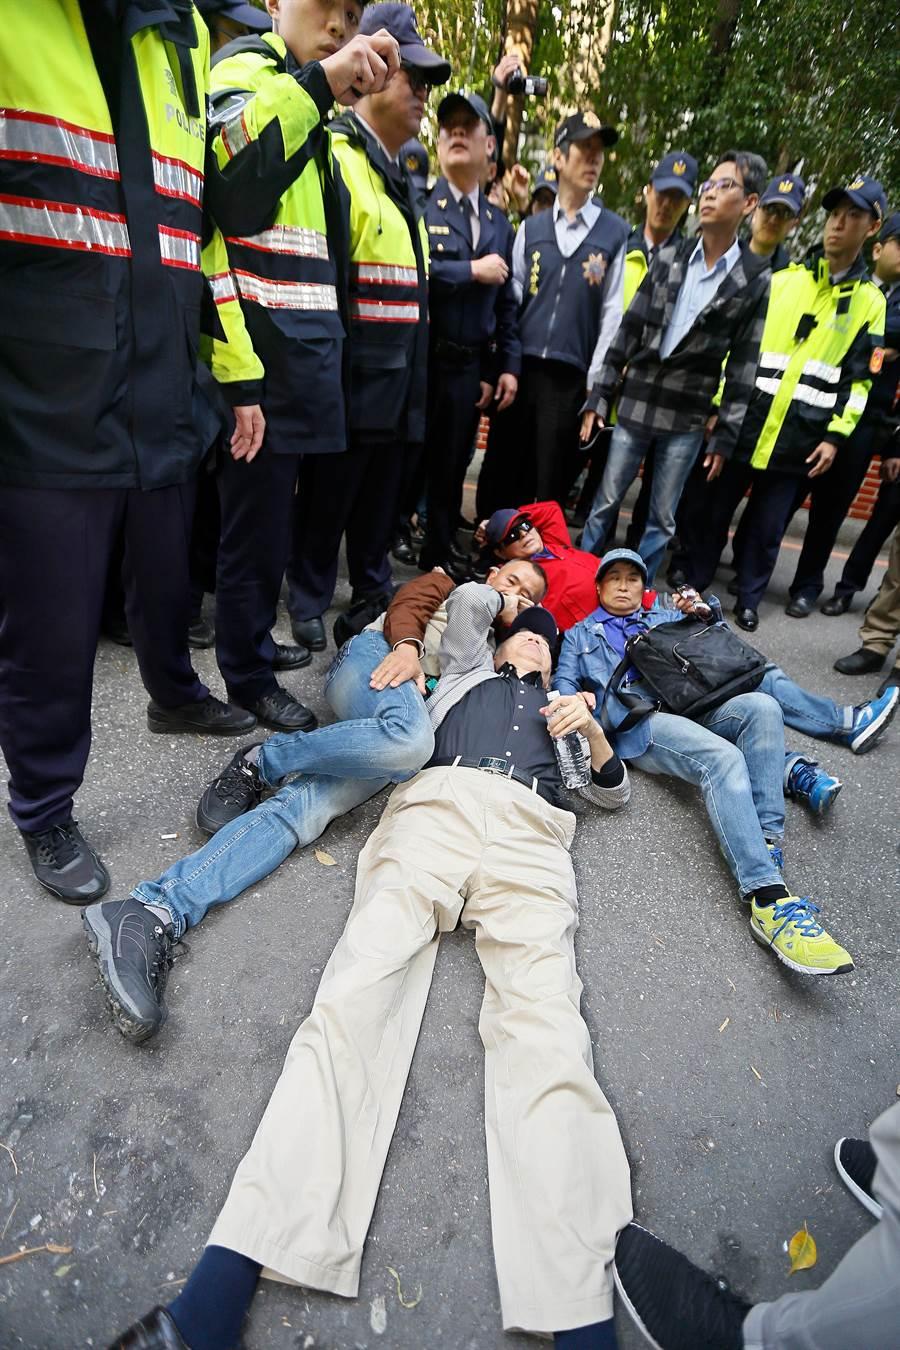 2017年02月27日台北市反年改團體27日清晨突襲立法院,與警方數度發生衝突。(張鎧乙攝)